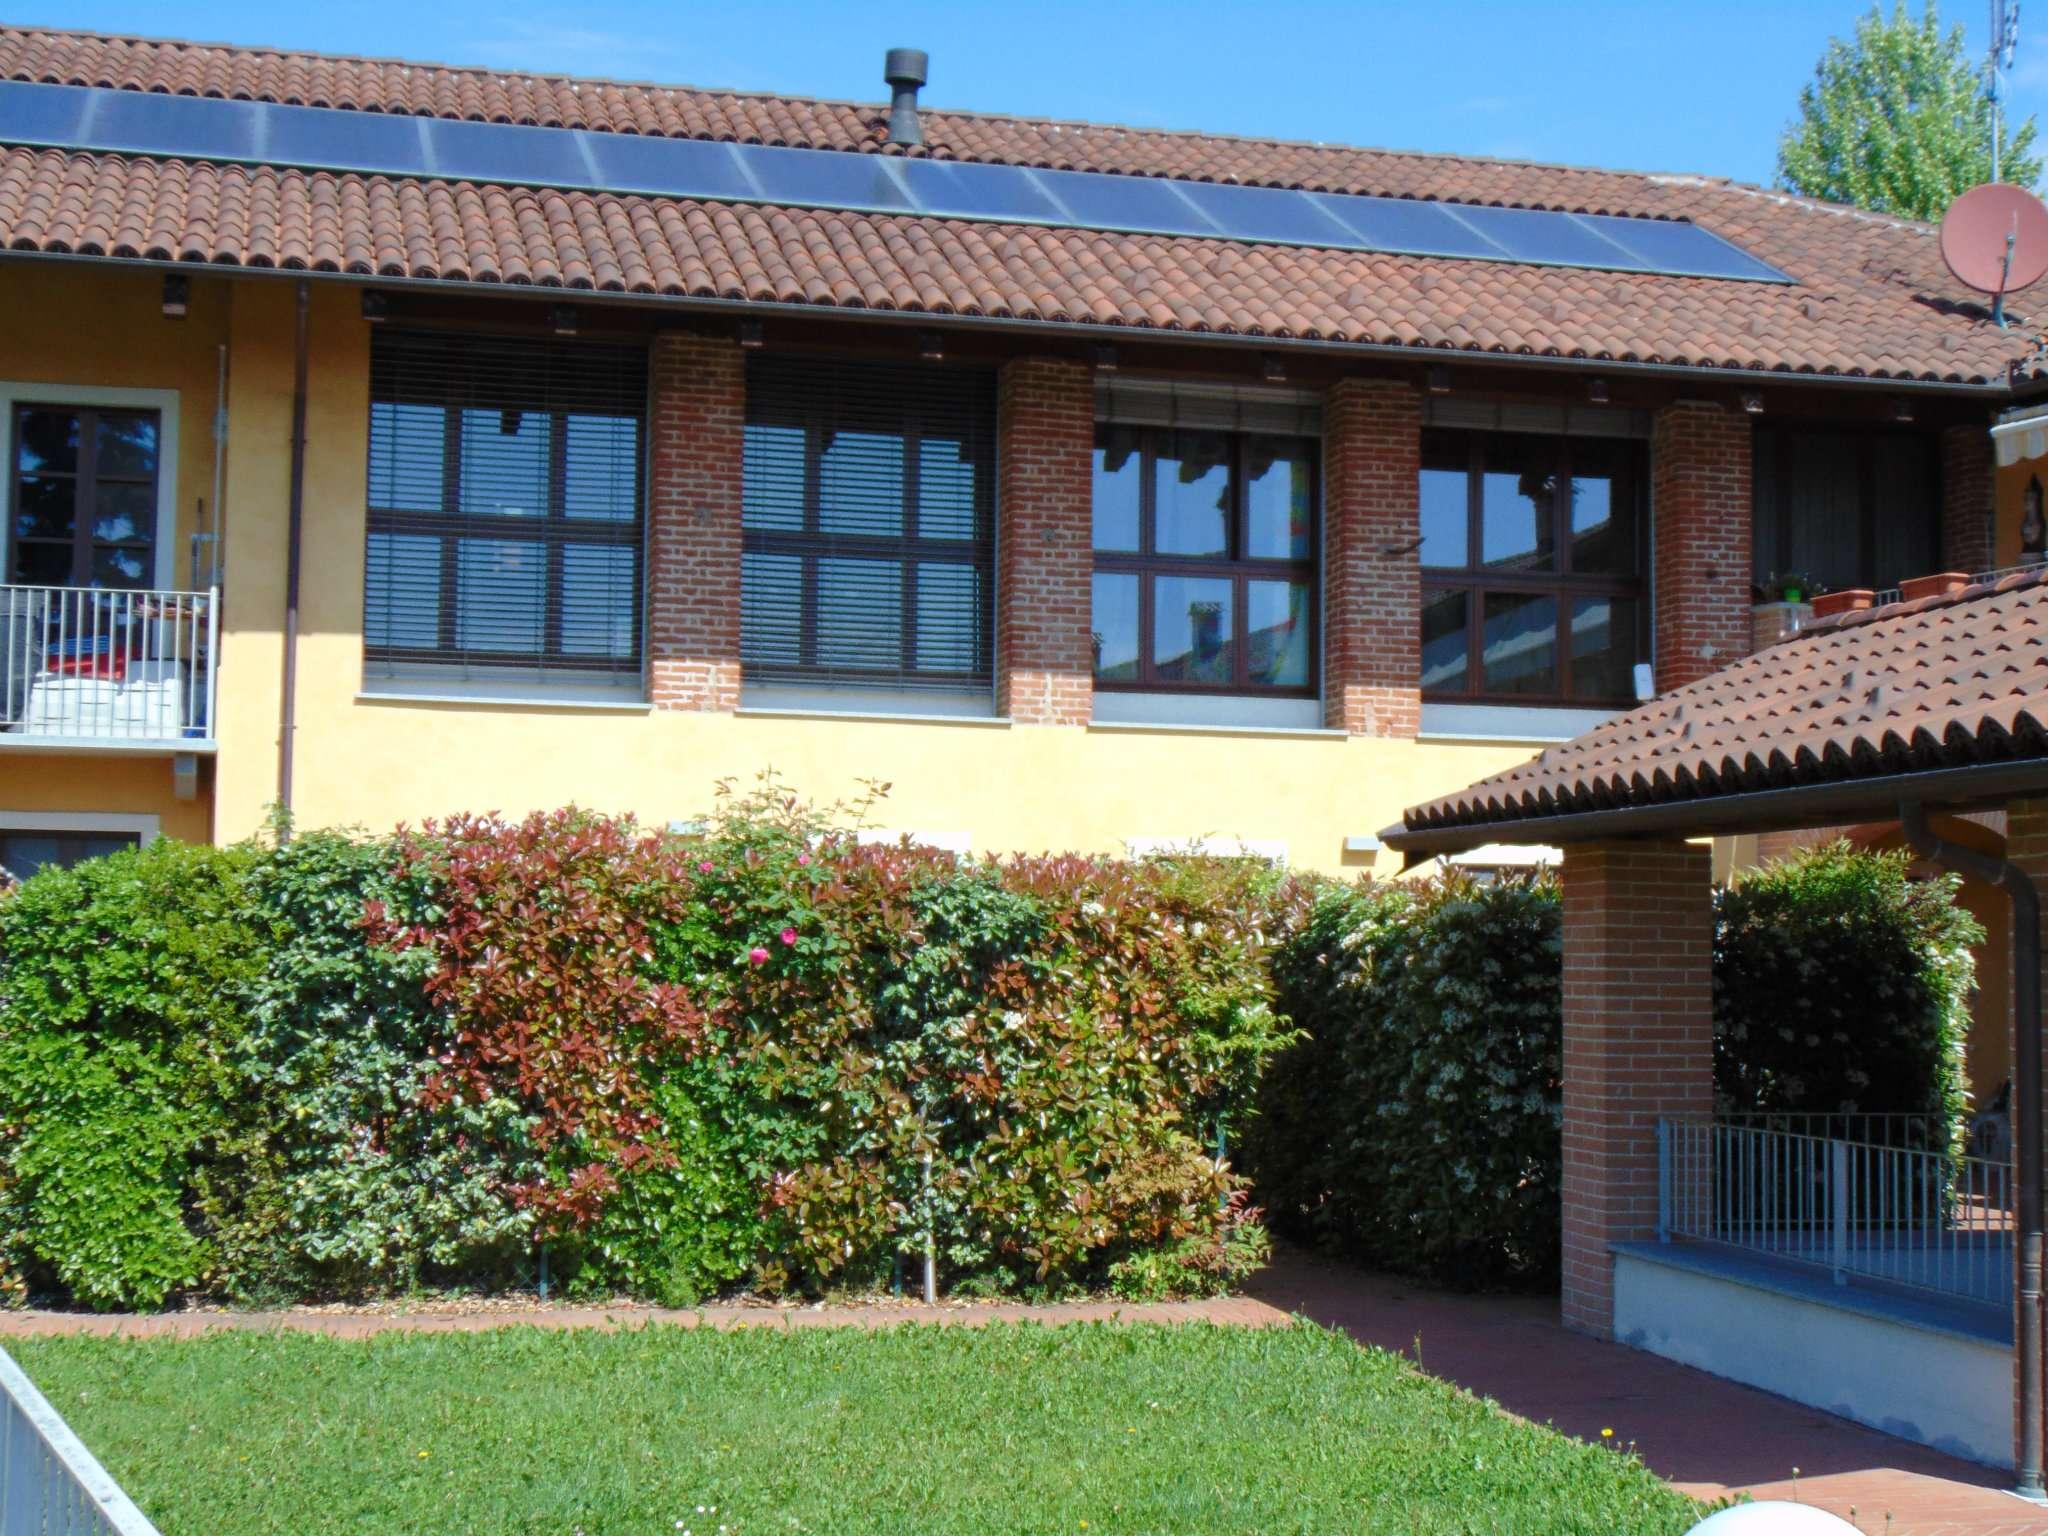 Soluzione Semindipendente in vendita a Bruino, 5 locali, prezzo € 199.000 | CambioCasa.it